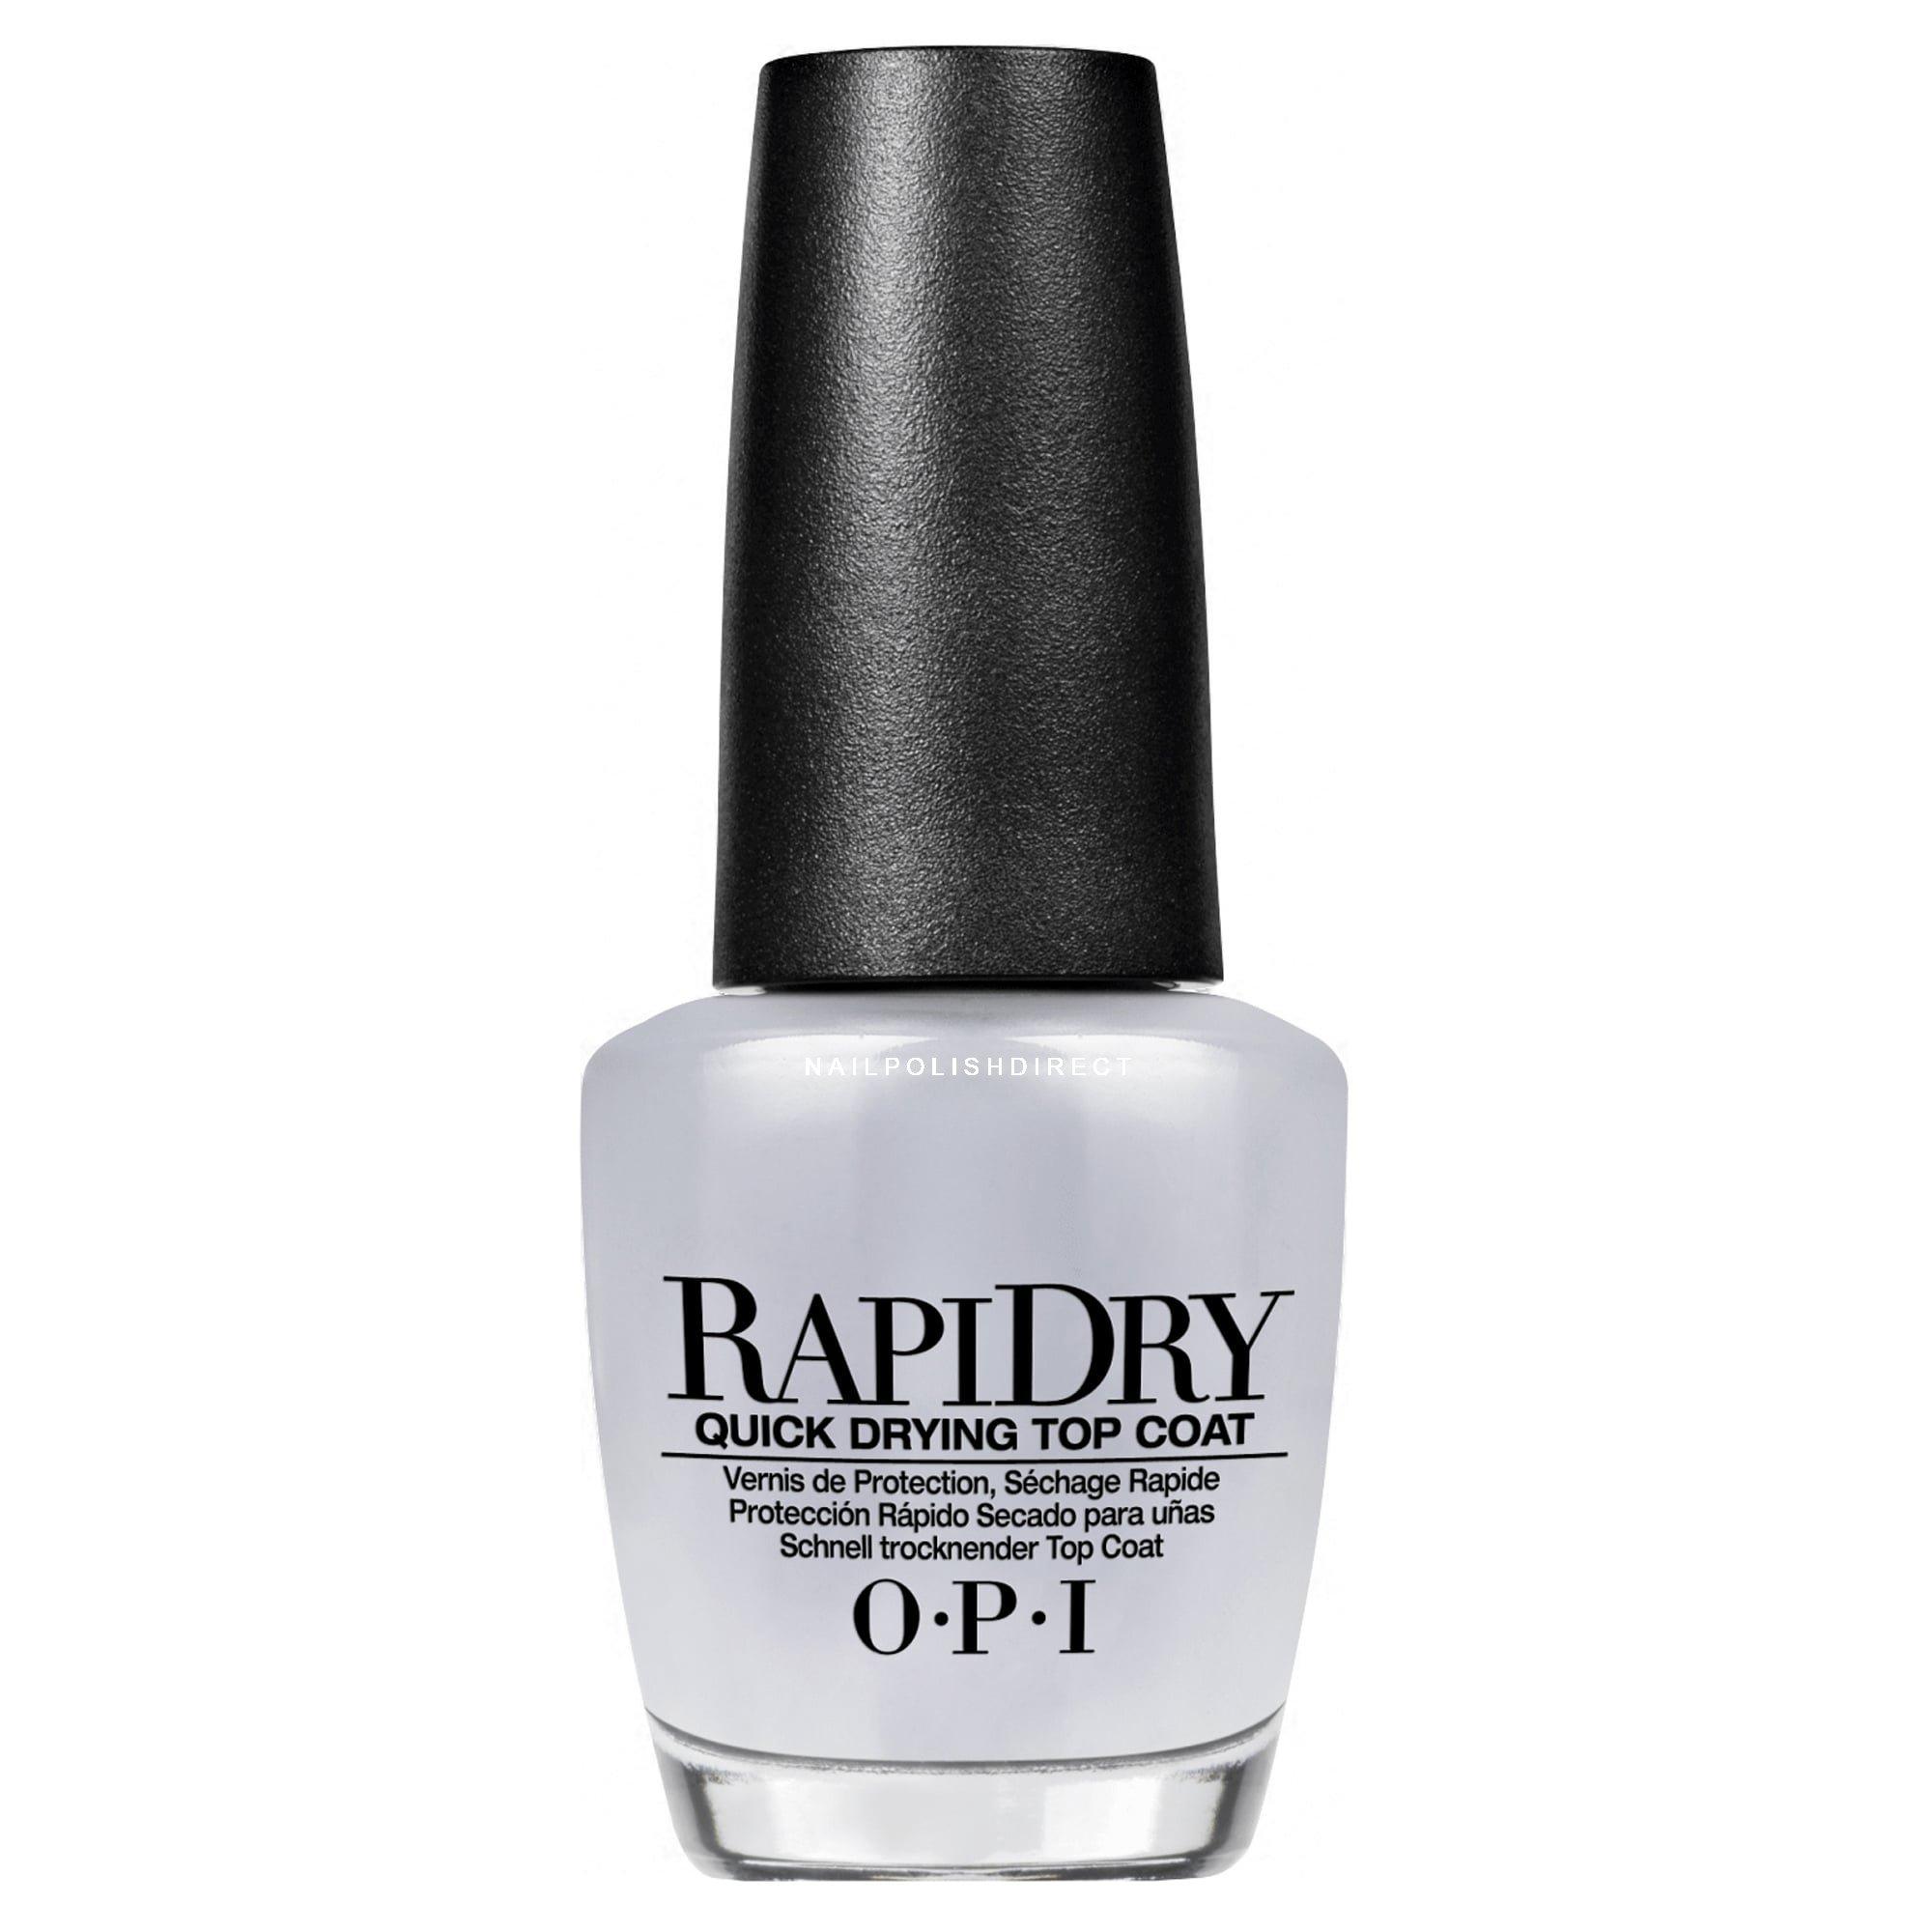 opi mini treat rapidry top coat quick dry top coat. Black Bedroom Furniture Sets. Home Design Ideas